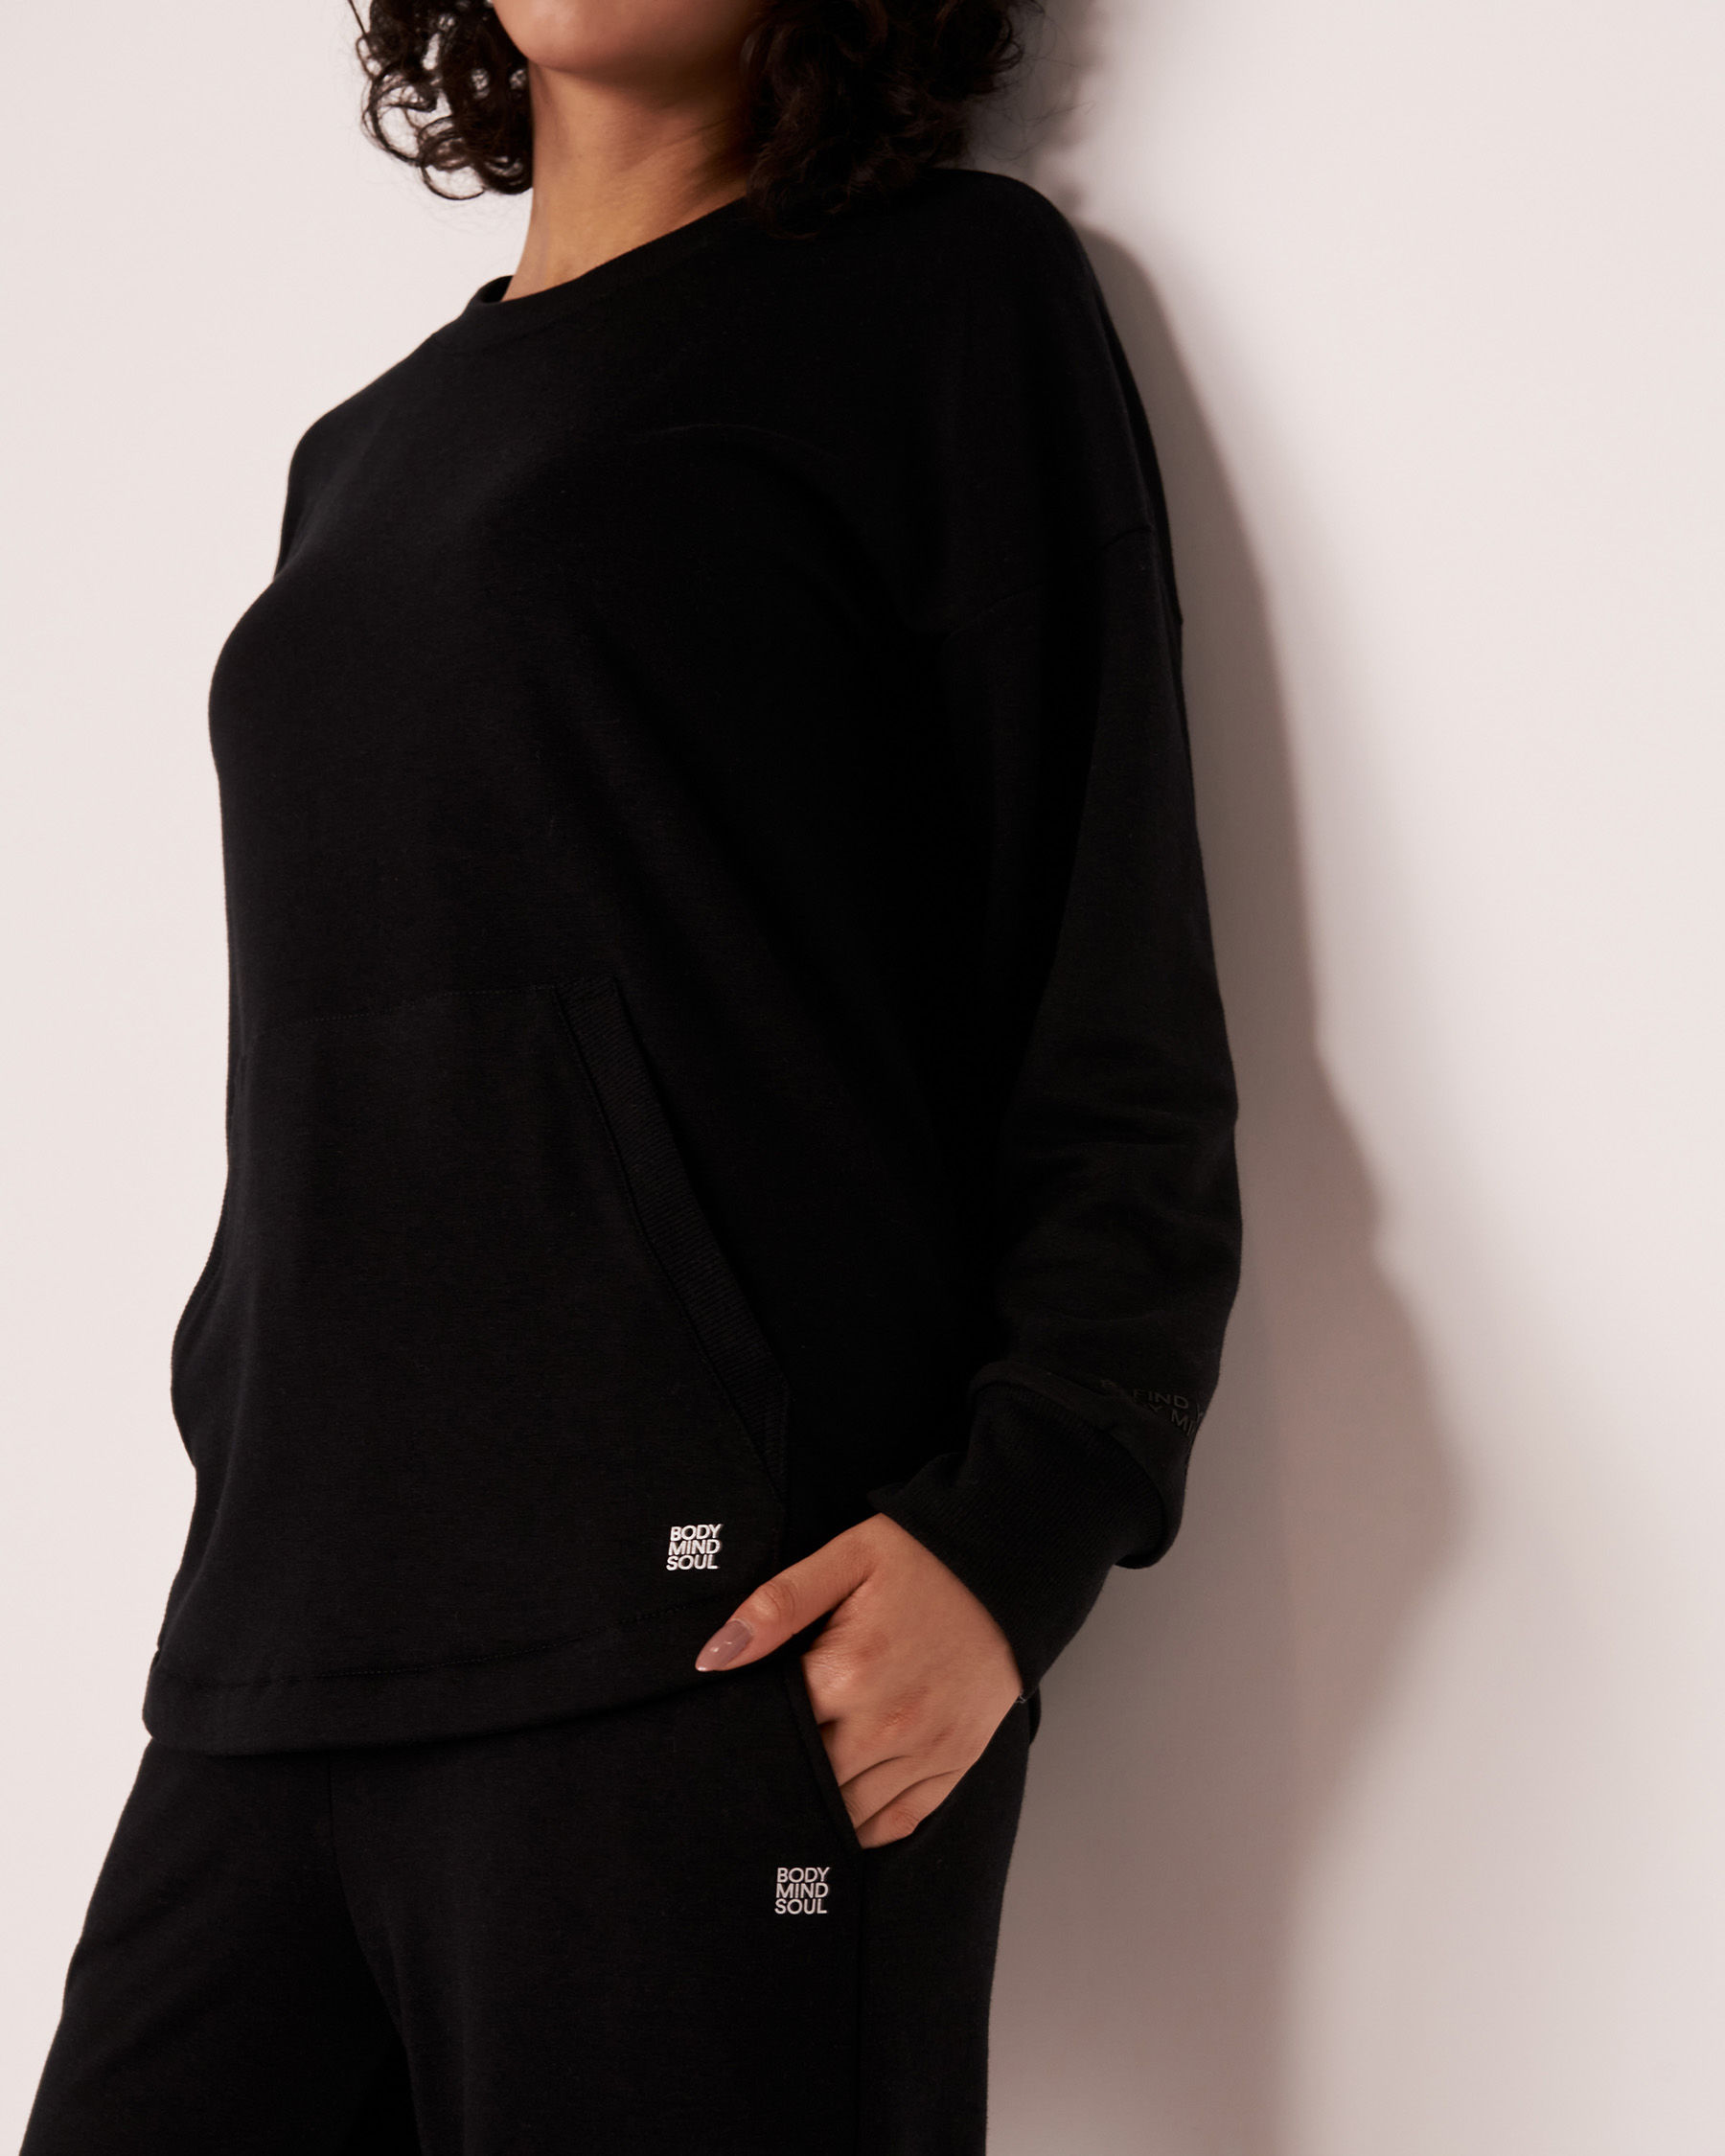 LA VIE EN ROSE Drop Shoulder Shirt Black 50100018 - View3